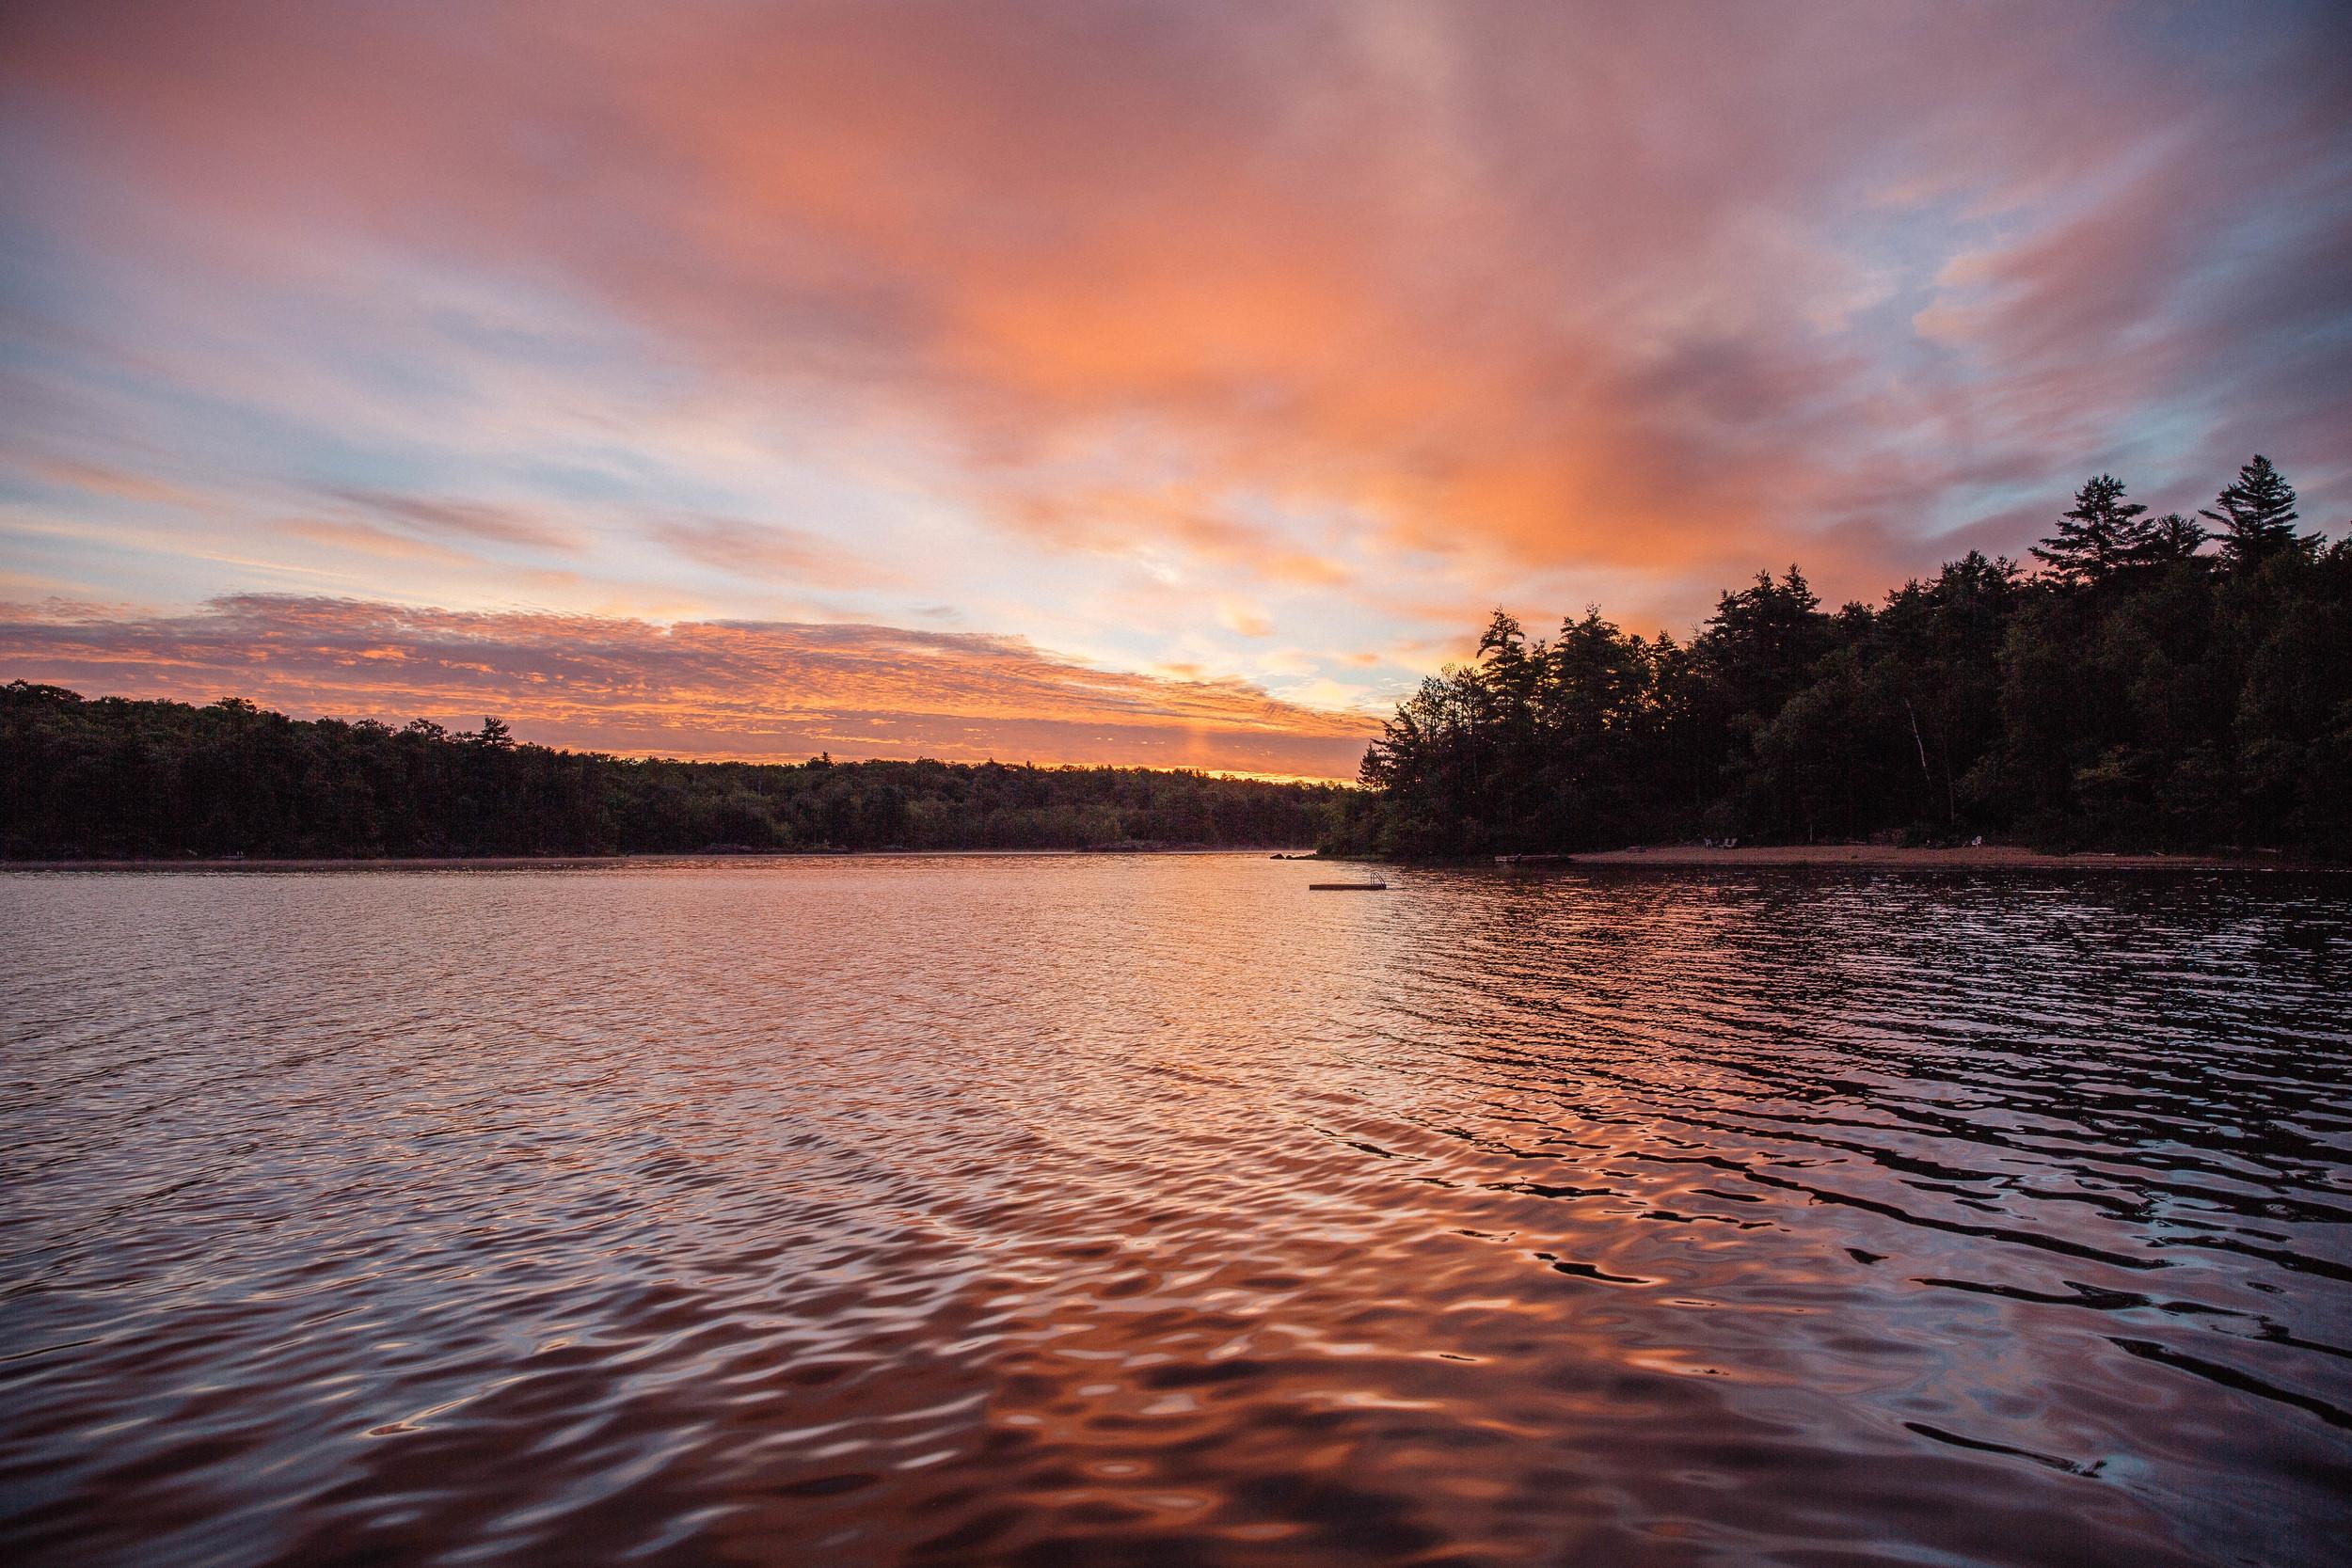 Sunrise over the lake, Canada